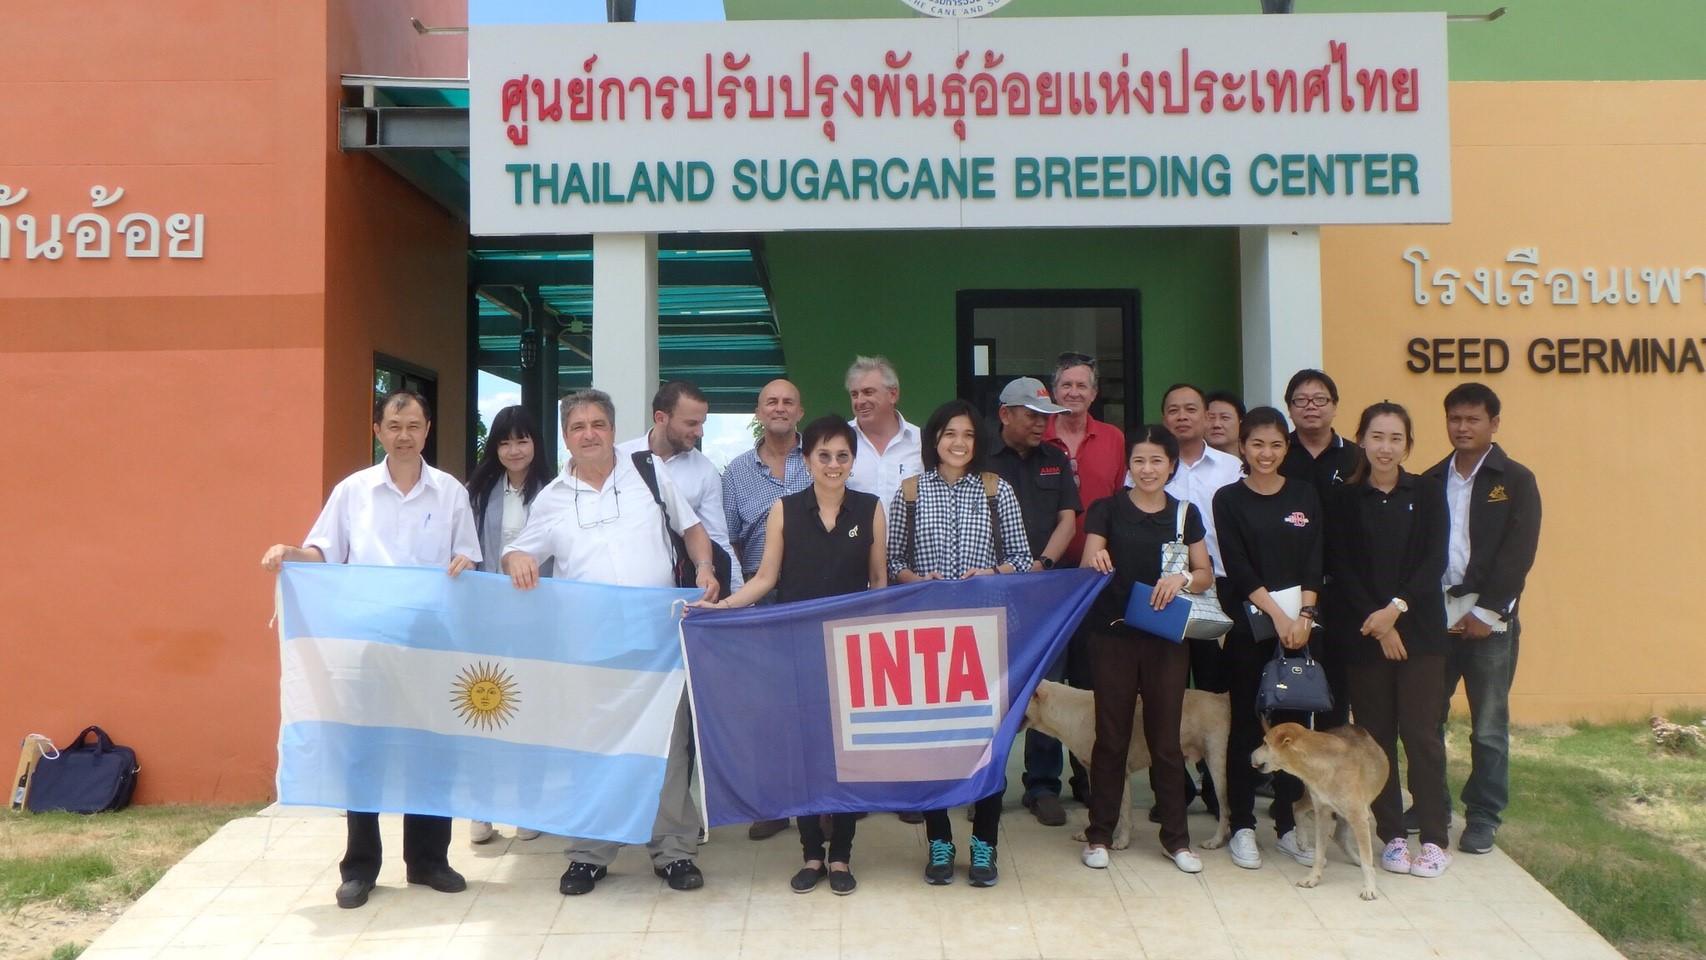 เมื่อวันที่ 26 มิถุนายน 2560 ที่ผ่านมา ทูตเกษตรจากประเทศอาร์เจนติน่า ขอเข้าเยี่ยมชมศูนย์การปรับปรุงพันธุ์อ้อยแห่งประเทศไทย (TSBC)